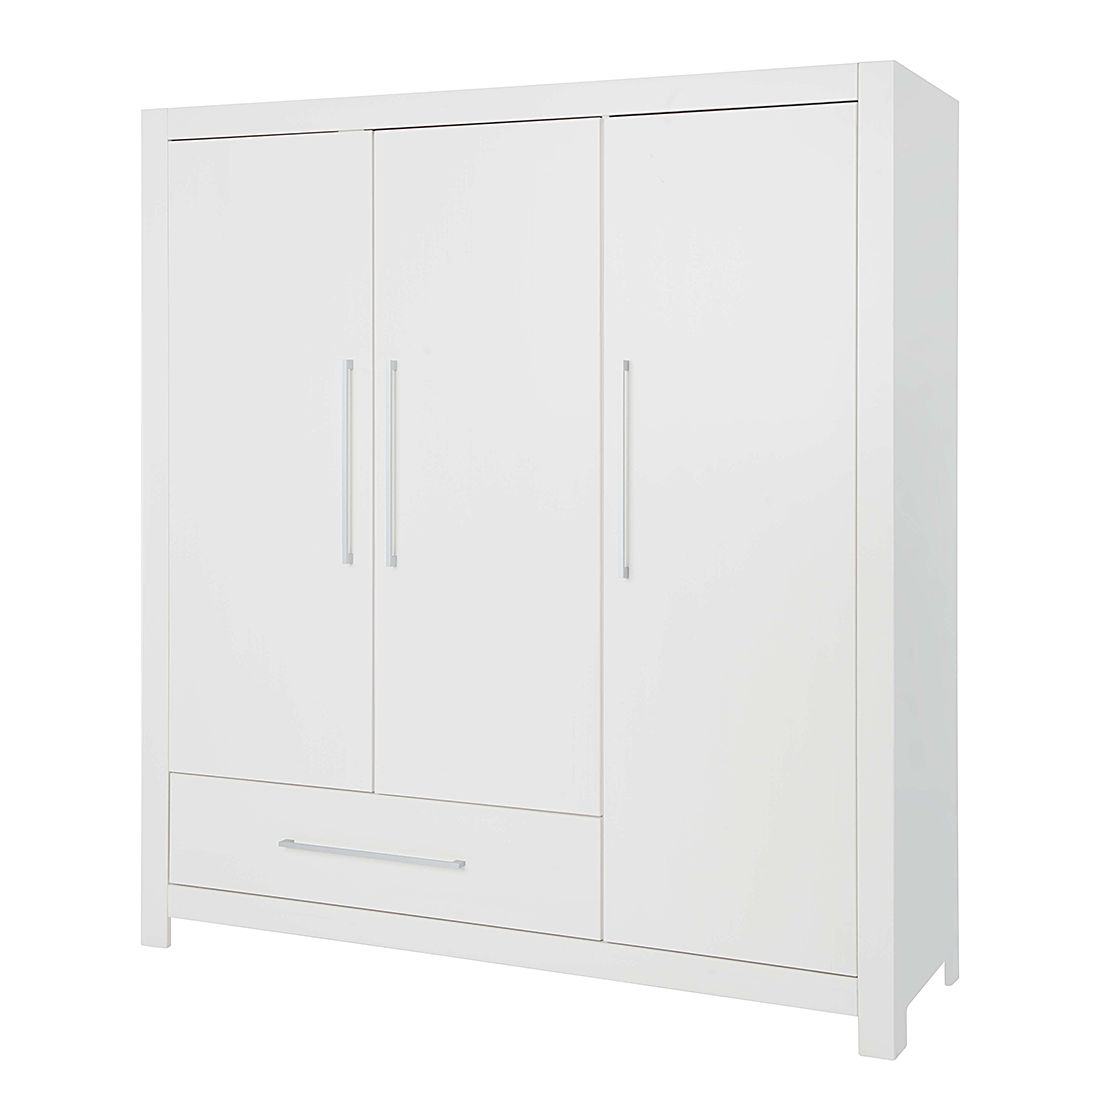 Kleiderschrank Puro (3-türig) - Fichte - Weiß - Lasiert, Pinolino